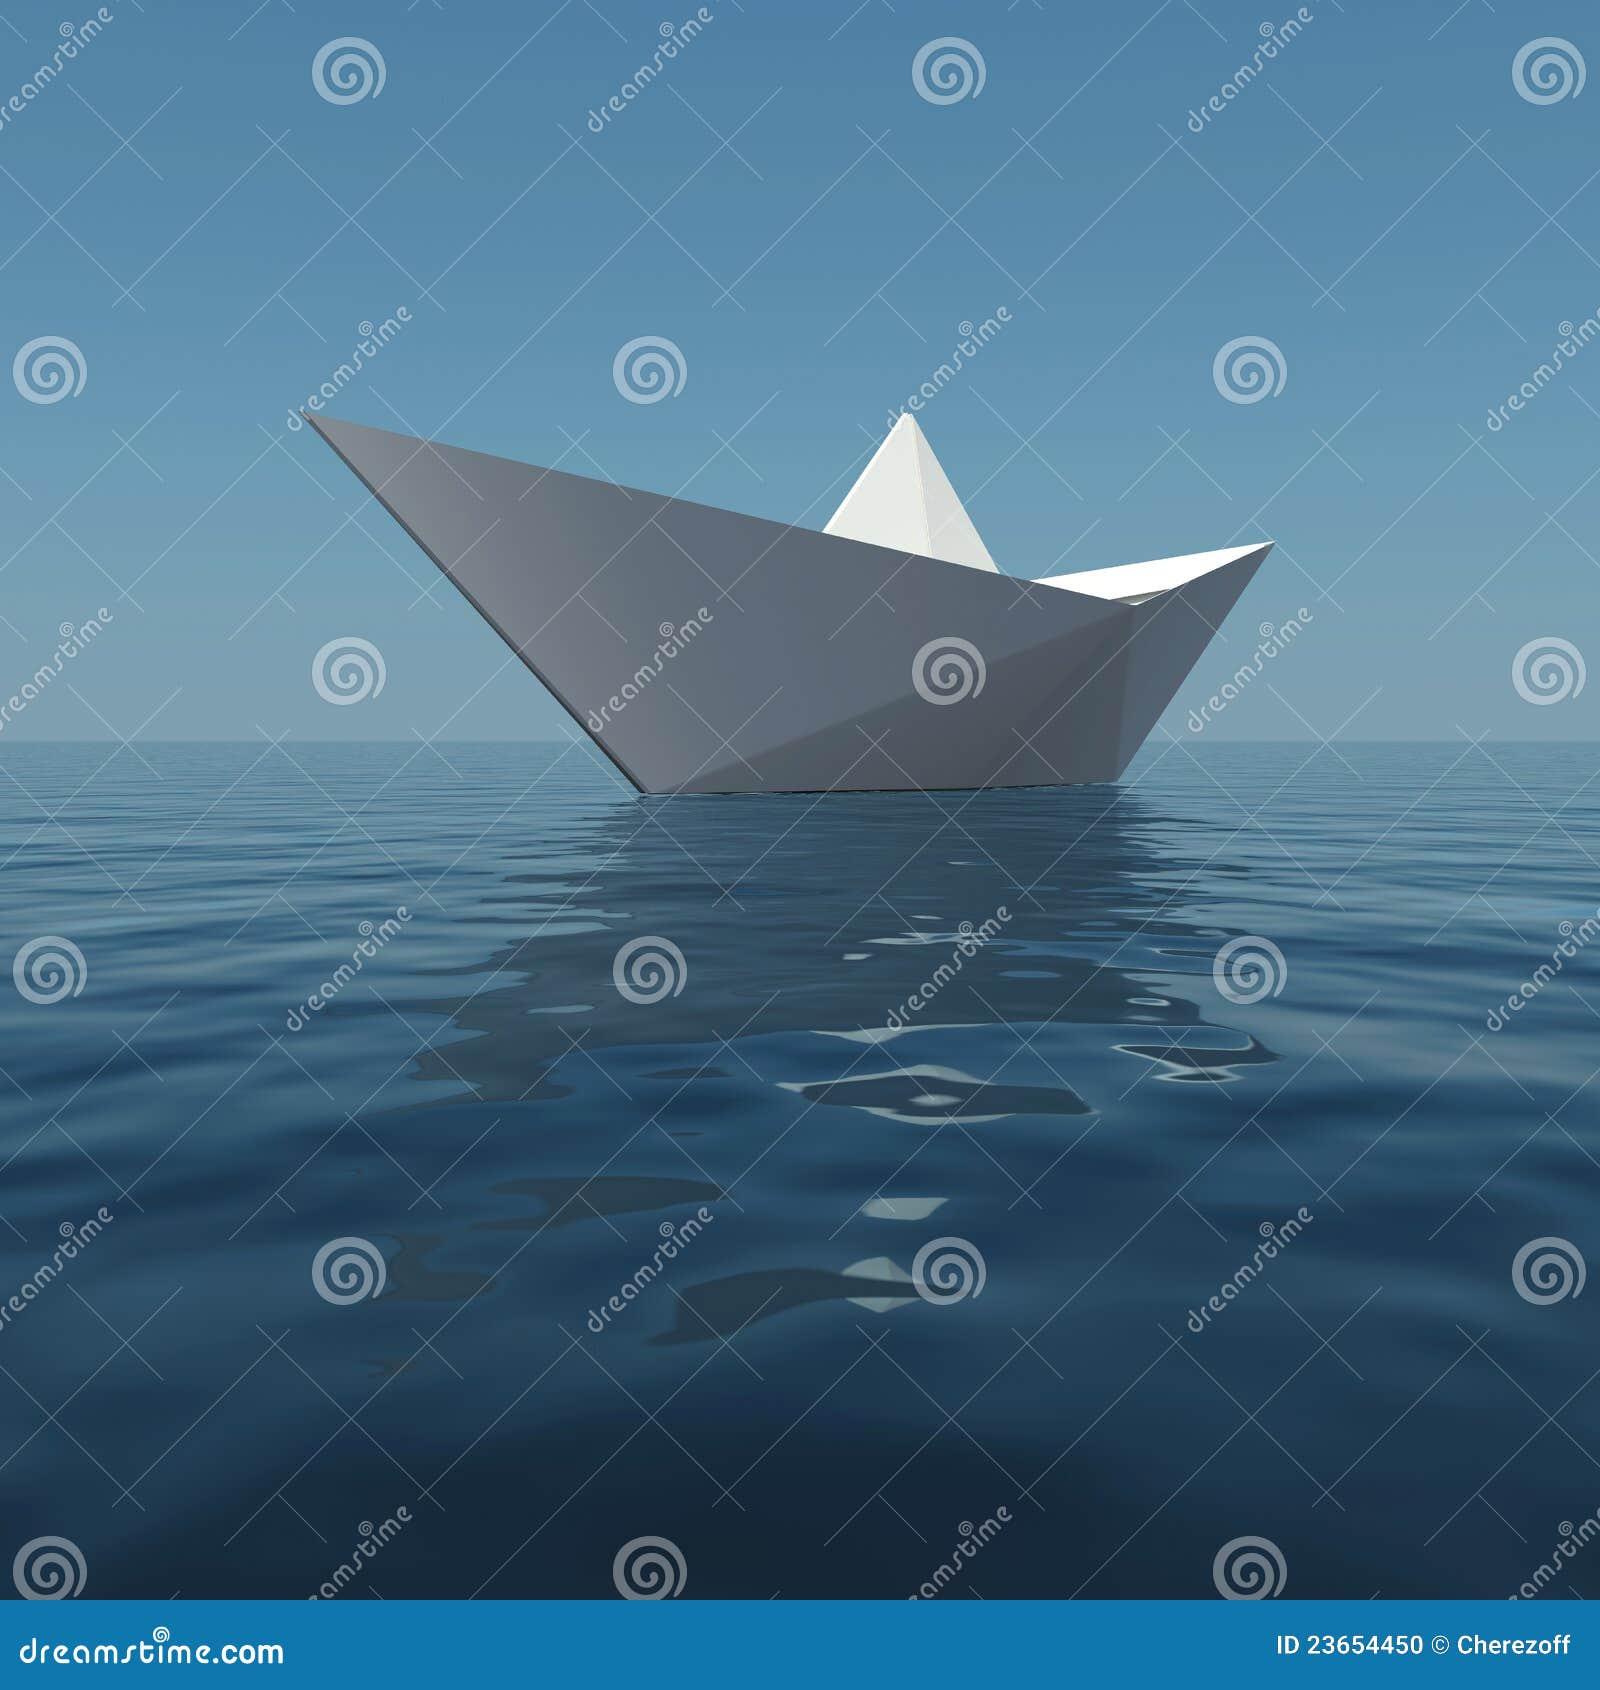 Barca di carta nel mare illustrazione di stock. Illustrazione di ... a5a32d543894